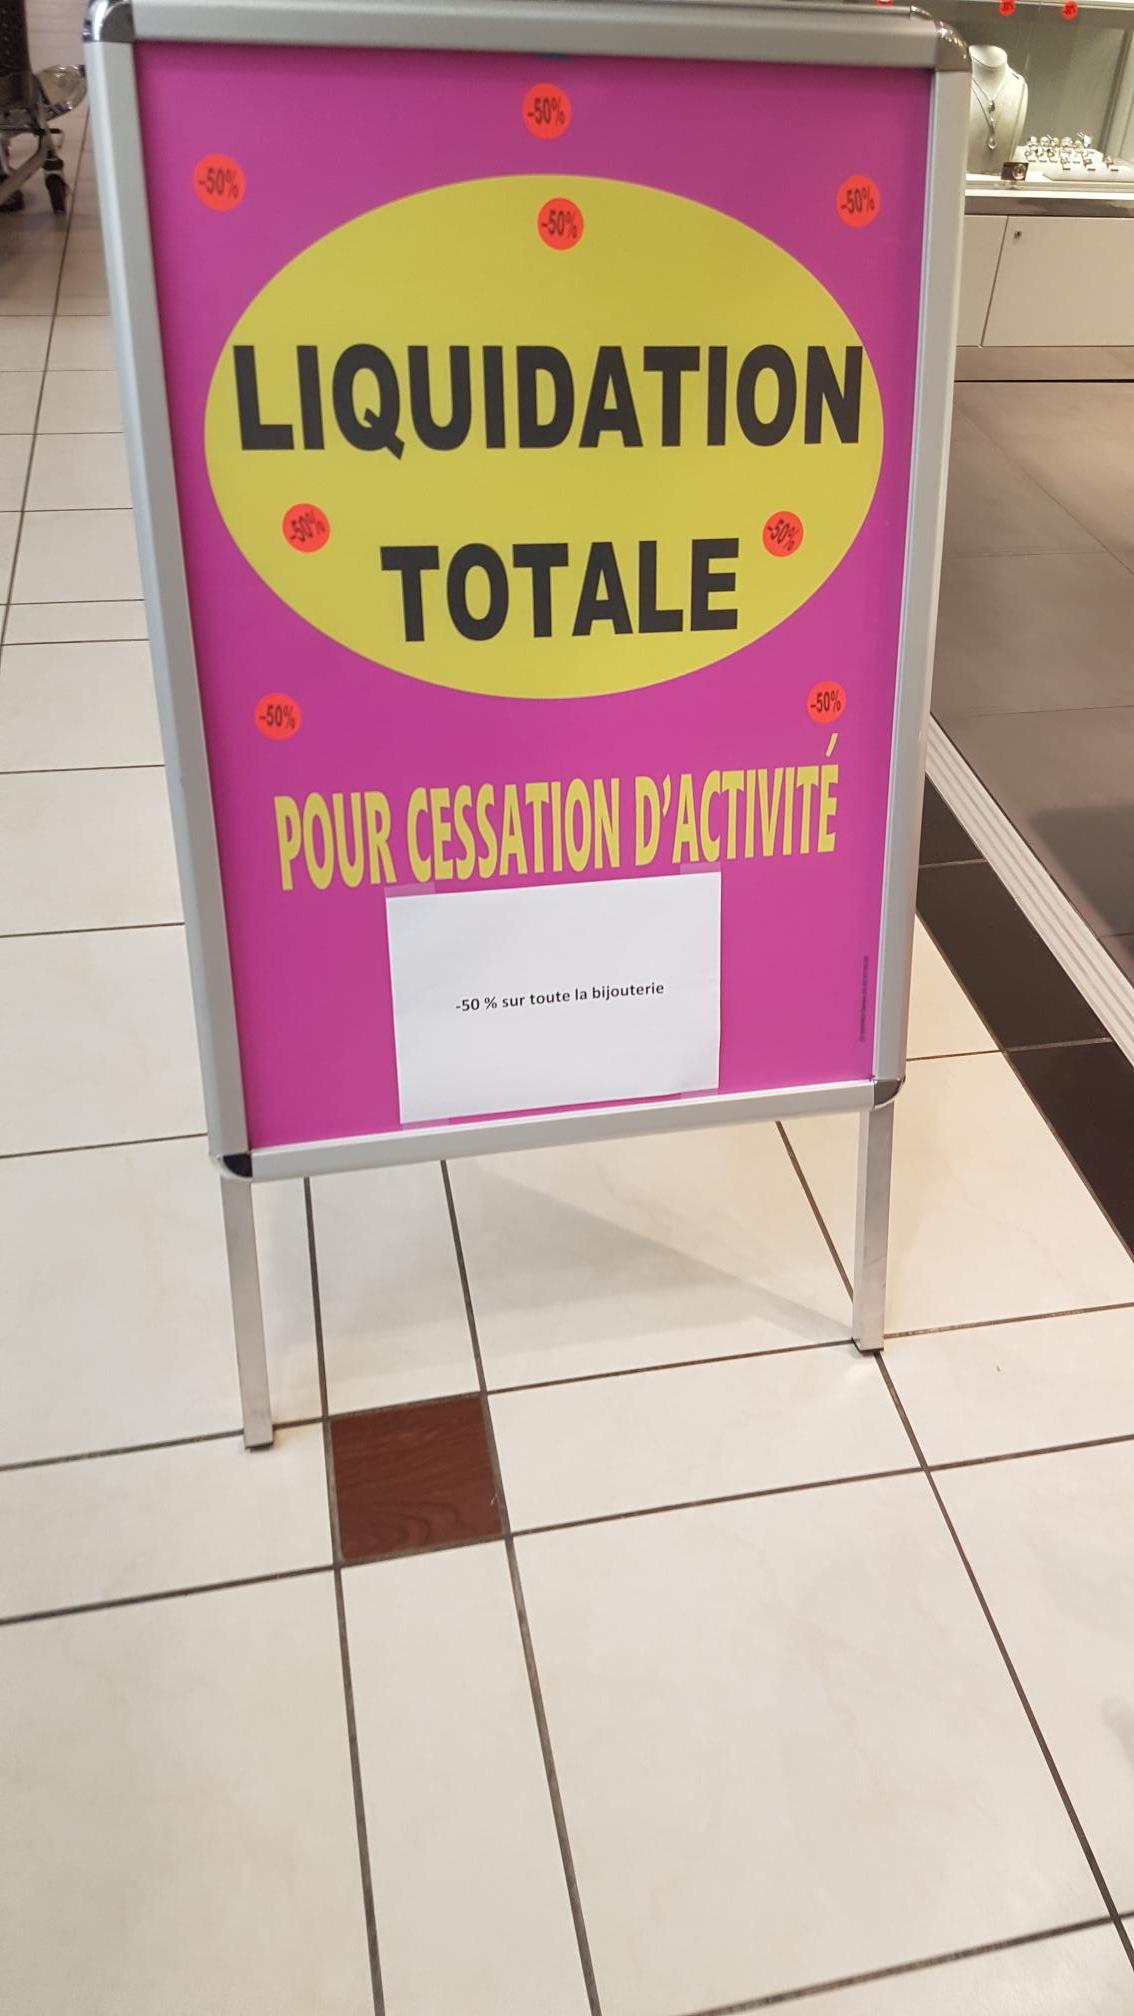 Liquidation totale : - 50% sur toute la boutique - Roques (31)